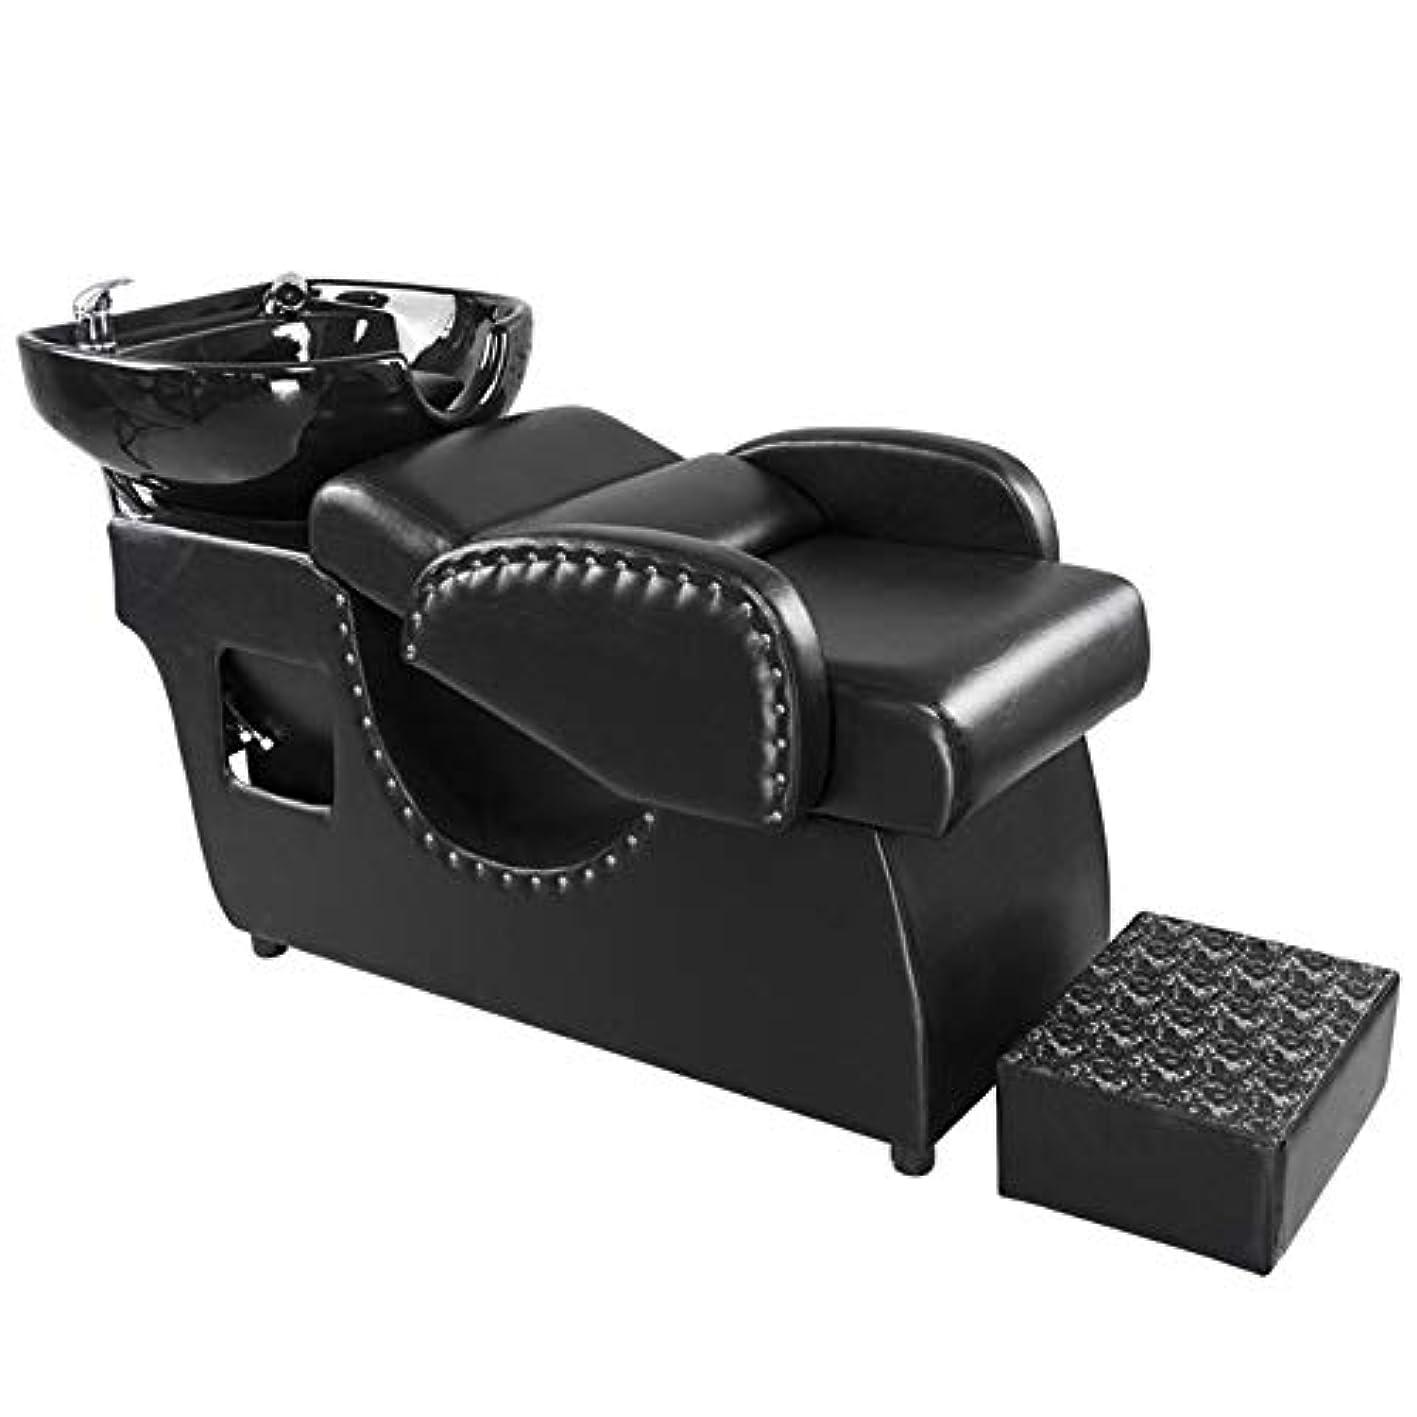 ある試すりシャンプーの理髪師の逆洗の椅子、鉱泉の美容院のためのベッドを洗う陶磁器の洗面器の流しの流しの椅子